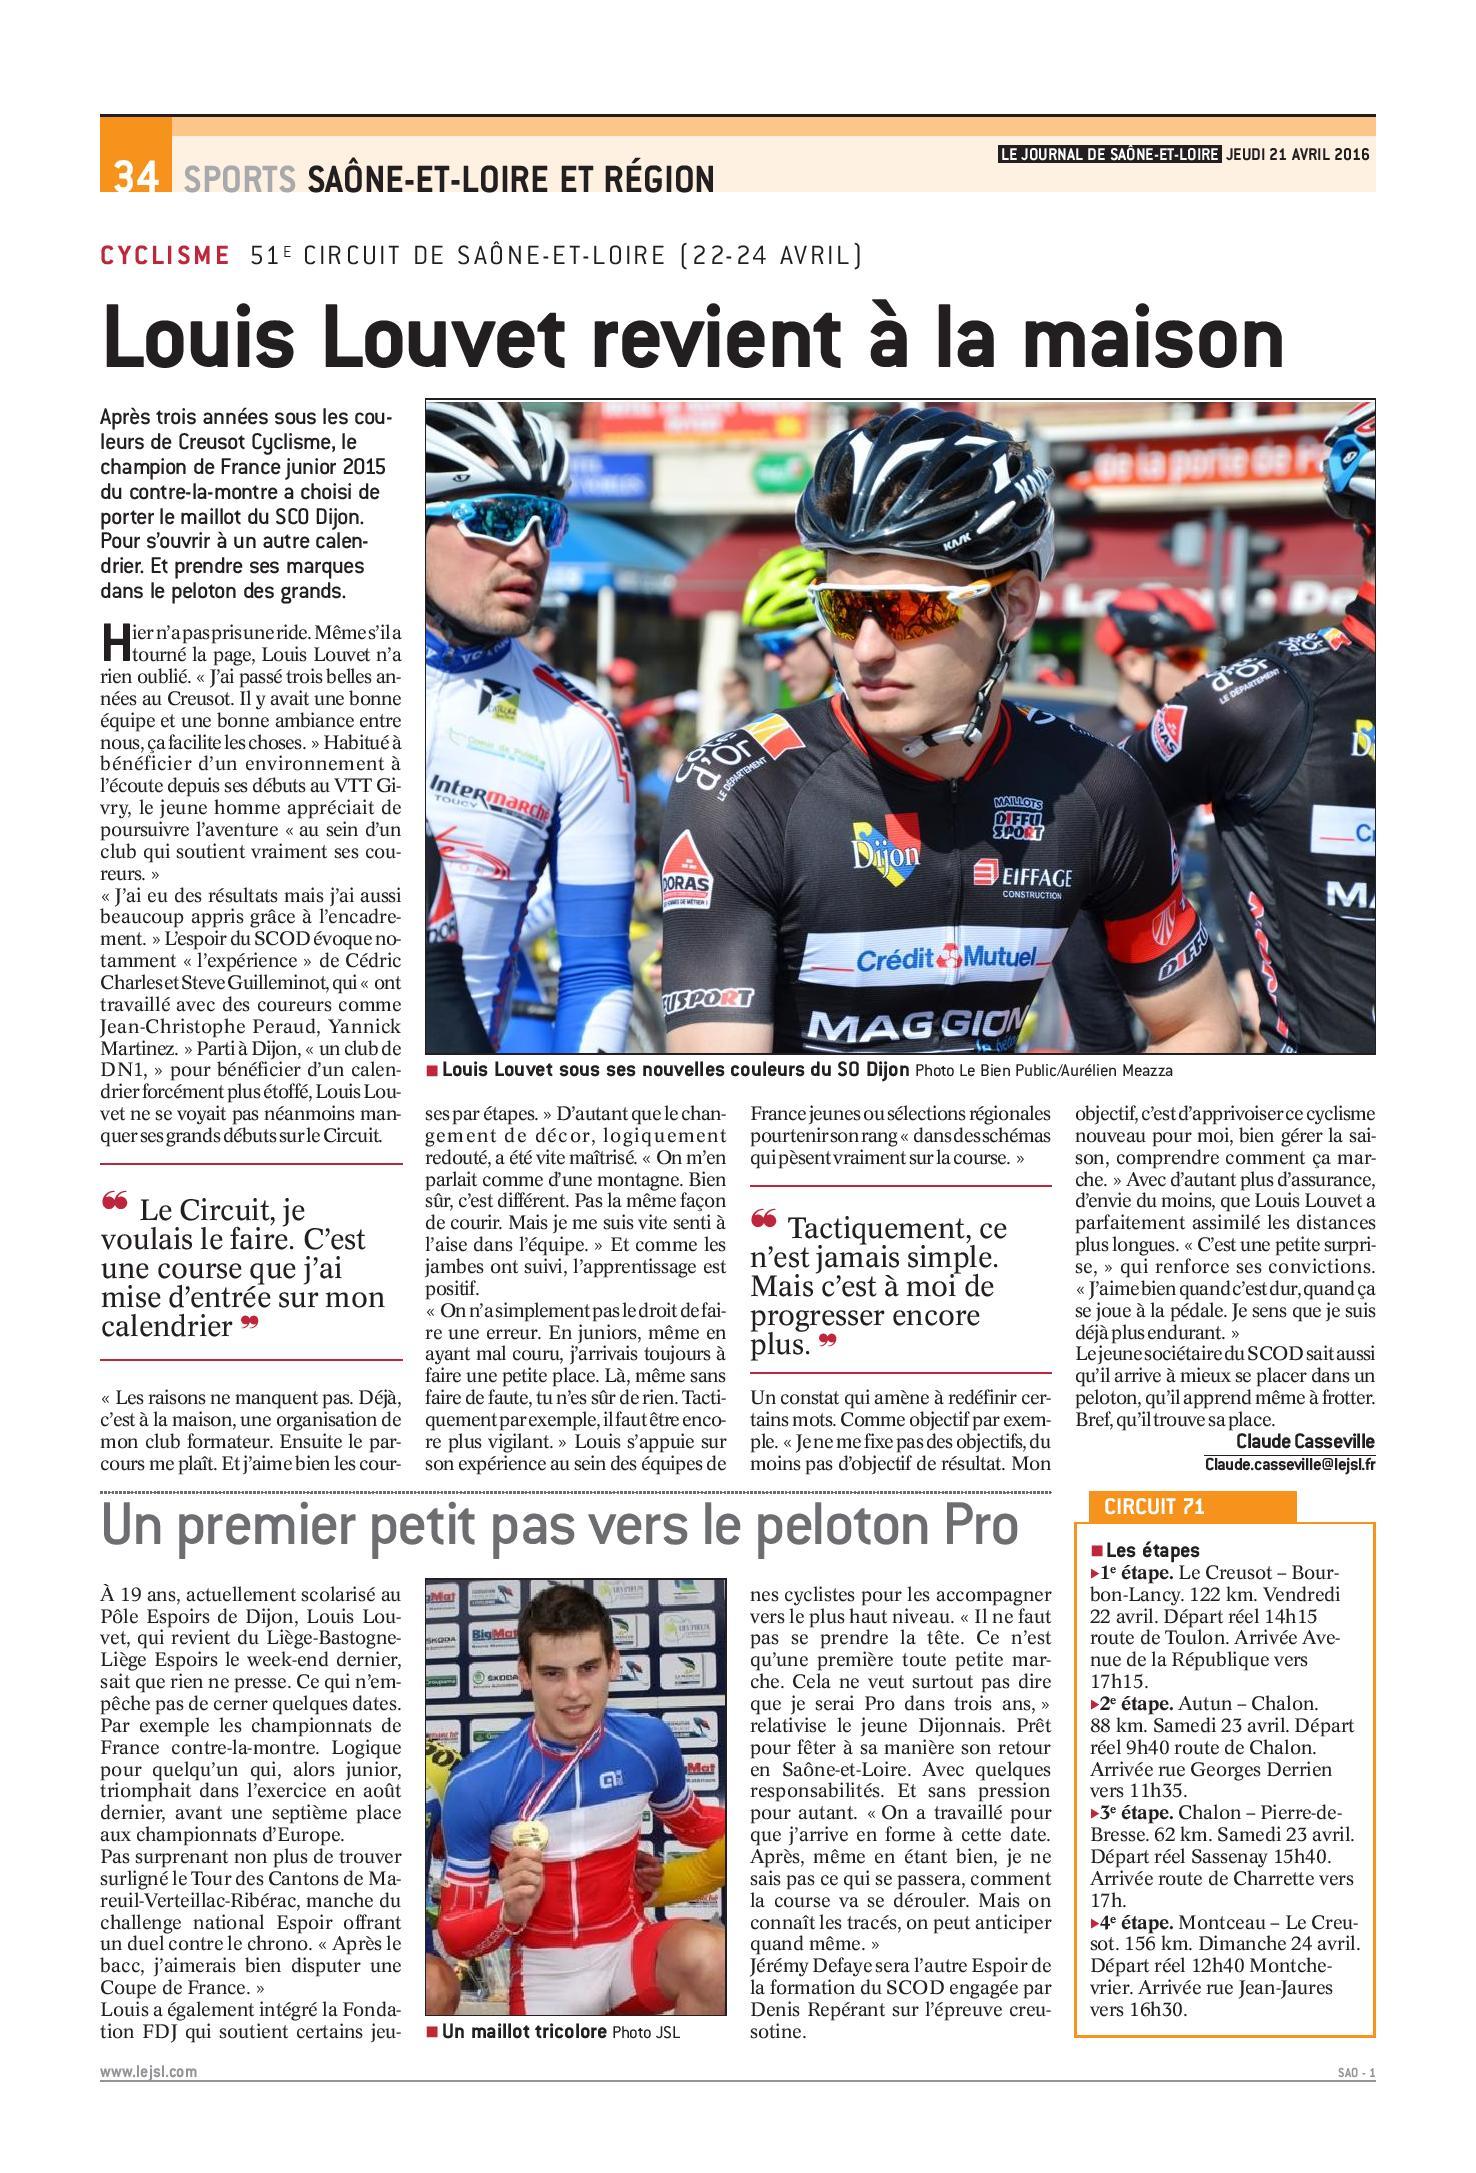 PDF-Page_34-edition-d-autun-le-creusot_20160421-page-001